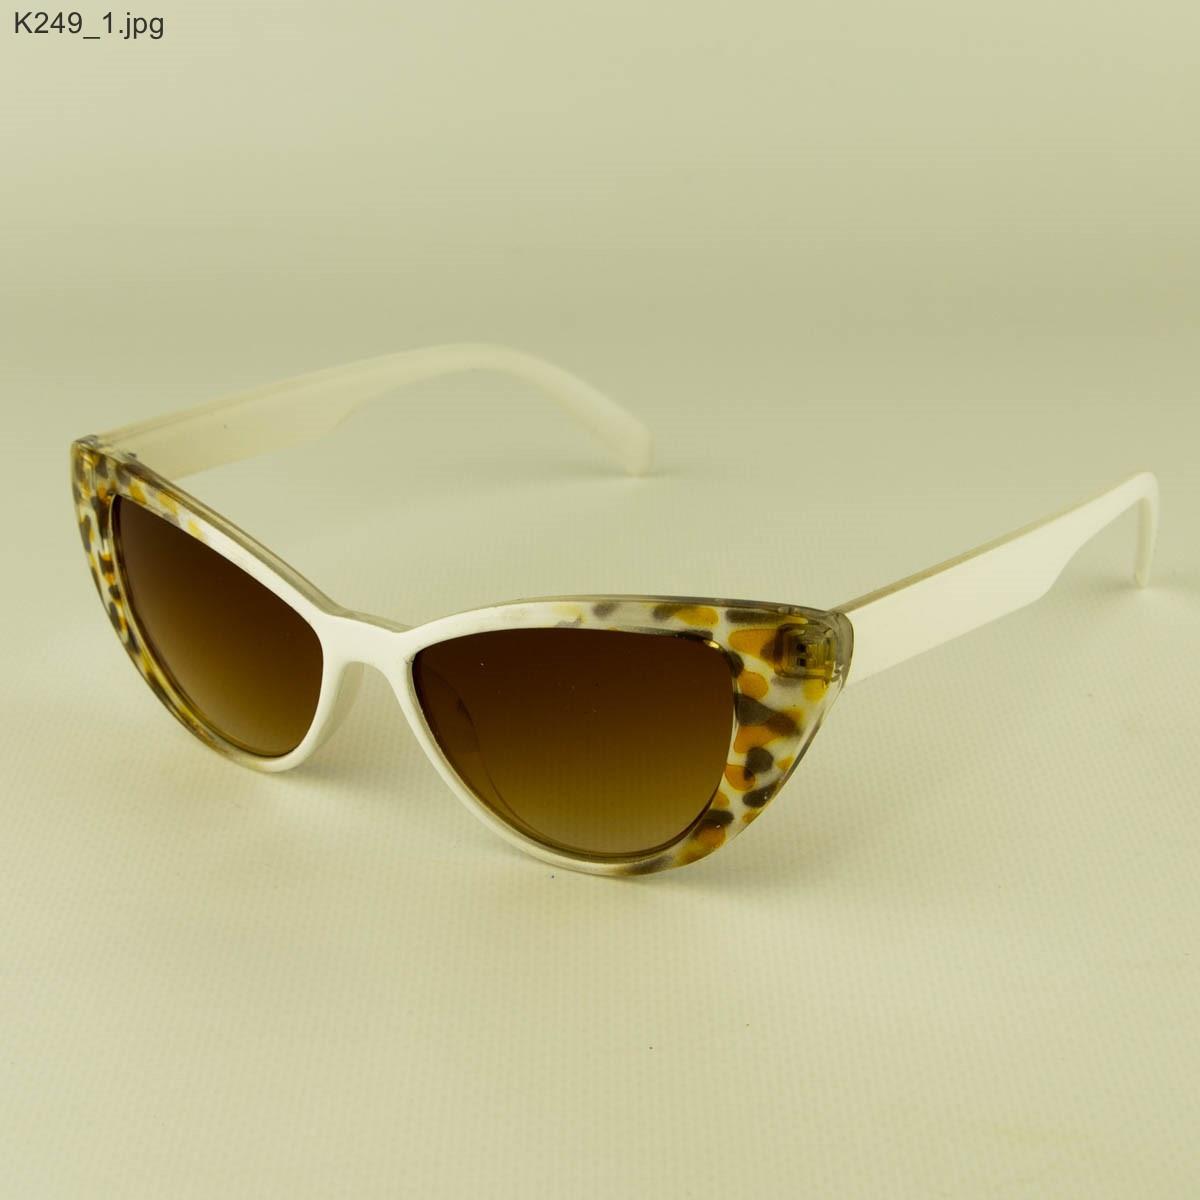 Оптом очки солнцезащитные женские кошачий глаз - Бело-леопардовые - К249